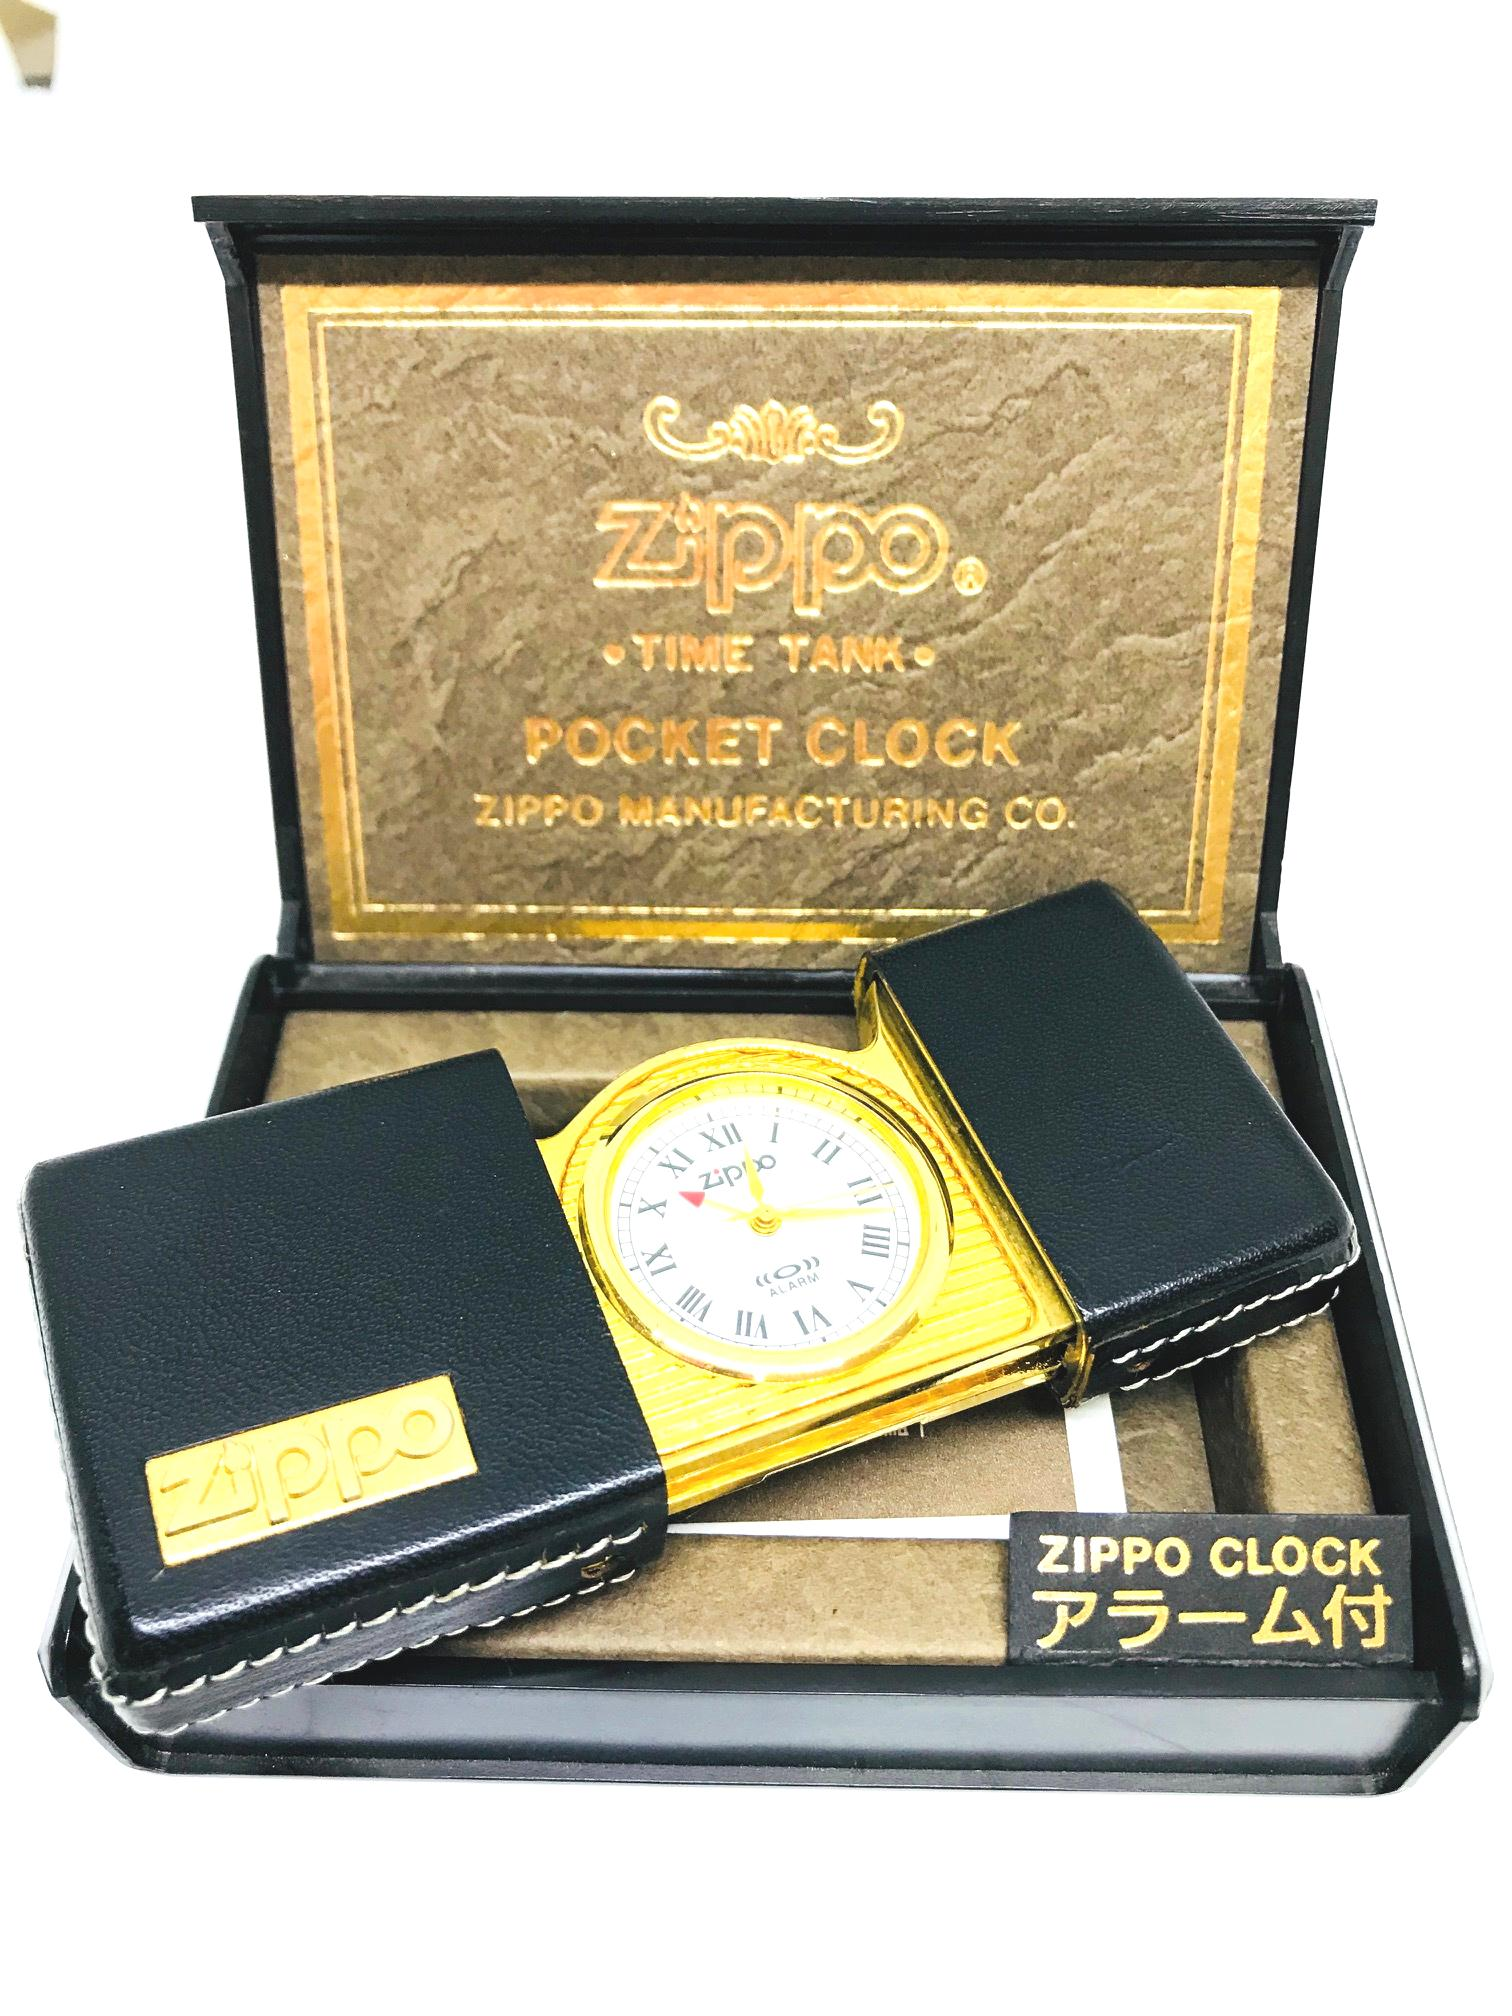 Zippo pocket clock dong ho bo tui Z607